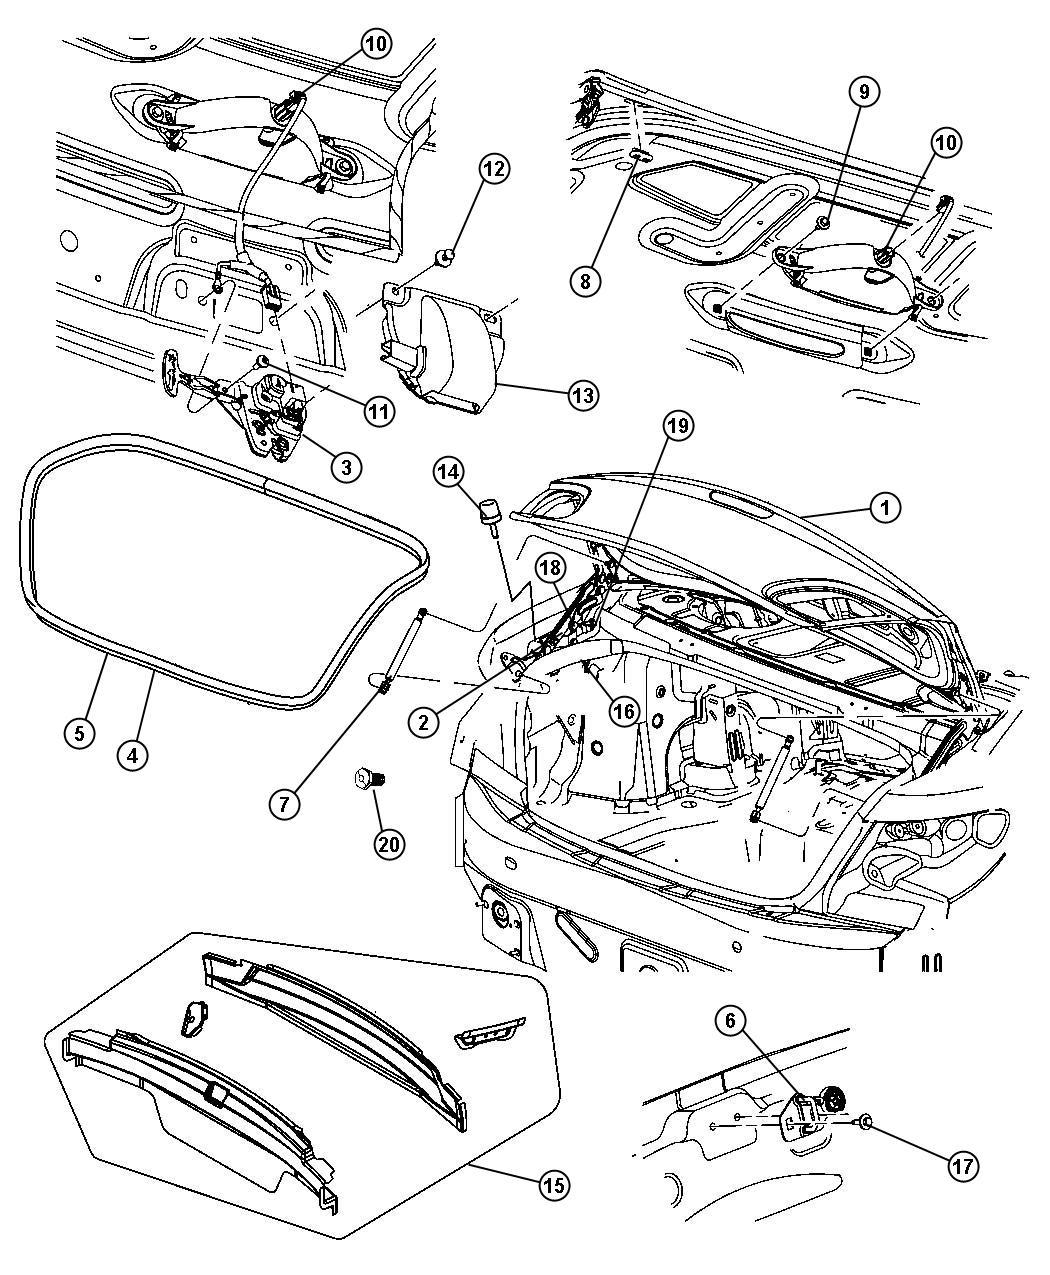 2013 Chrysler 200 Latch  Decklid  Body  Related  Mopar